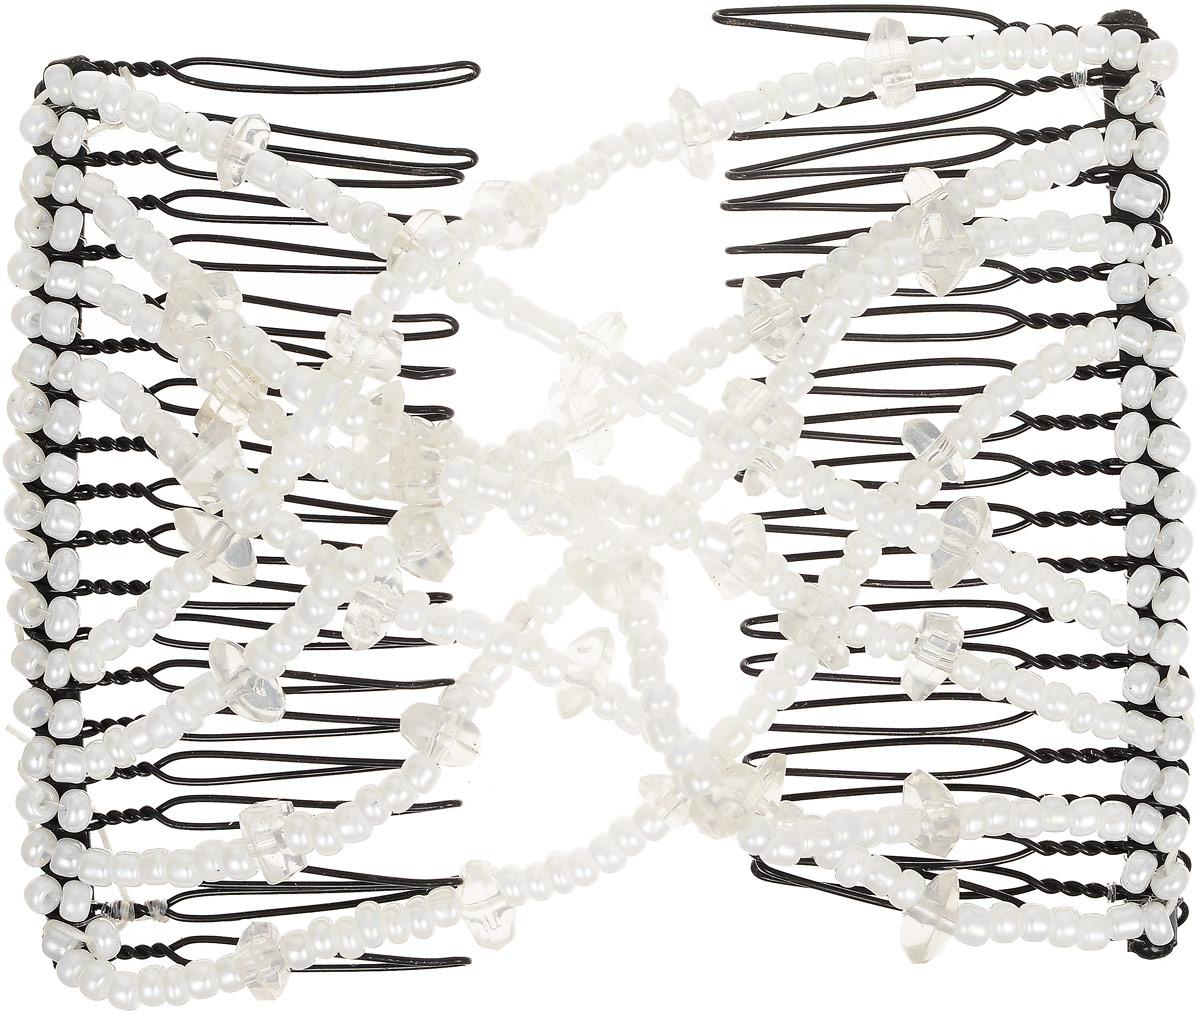 EZ-Combs Заколка Изи-Комбс, одинарная, цвет: белый. ЗИО_осколкиСерьги с подвескамиУдобная и практичная EZ-Combs подходит для любого типа волос: тонких, жестких, вьющихся или прямых, и не наносит им никакого вреда. Заколка не мешает движениям головы и не создает дискомфорта, когда вы отдыхаете или управляете автомобилем. Каждый гребень имеет по 20 зубьев для надежной фиксации заколки на волосах! И даже во время бега и интенсивных тренировок в спортзале EZ-Combs не падает; она прочно фиксирует прическу, сохраняя укладку в первозданном виде.Небольшая и легкая заколка для волос EZ-Combs поместится в любой дамской сумочке, позволяя быстро и без особых усилий создавать неповторимые прически там, где вам это удобно. Гребень прекрасно сочетается с любой одеждой: будь это классический или спортивный стиль, завершая гармоничный облик современной леди. И неважно, какой образ жизни вы ведете, если у вас есть EZ-Combs, вы всегда будете выглядеть потрясающе.